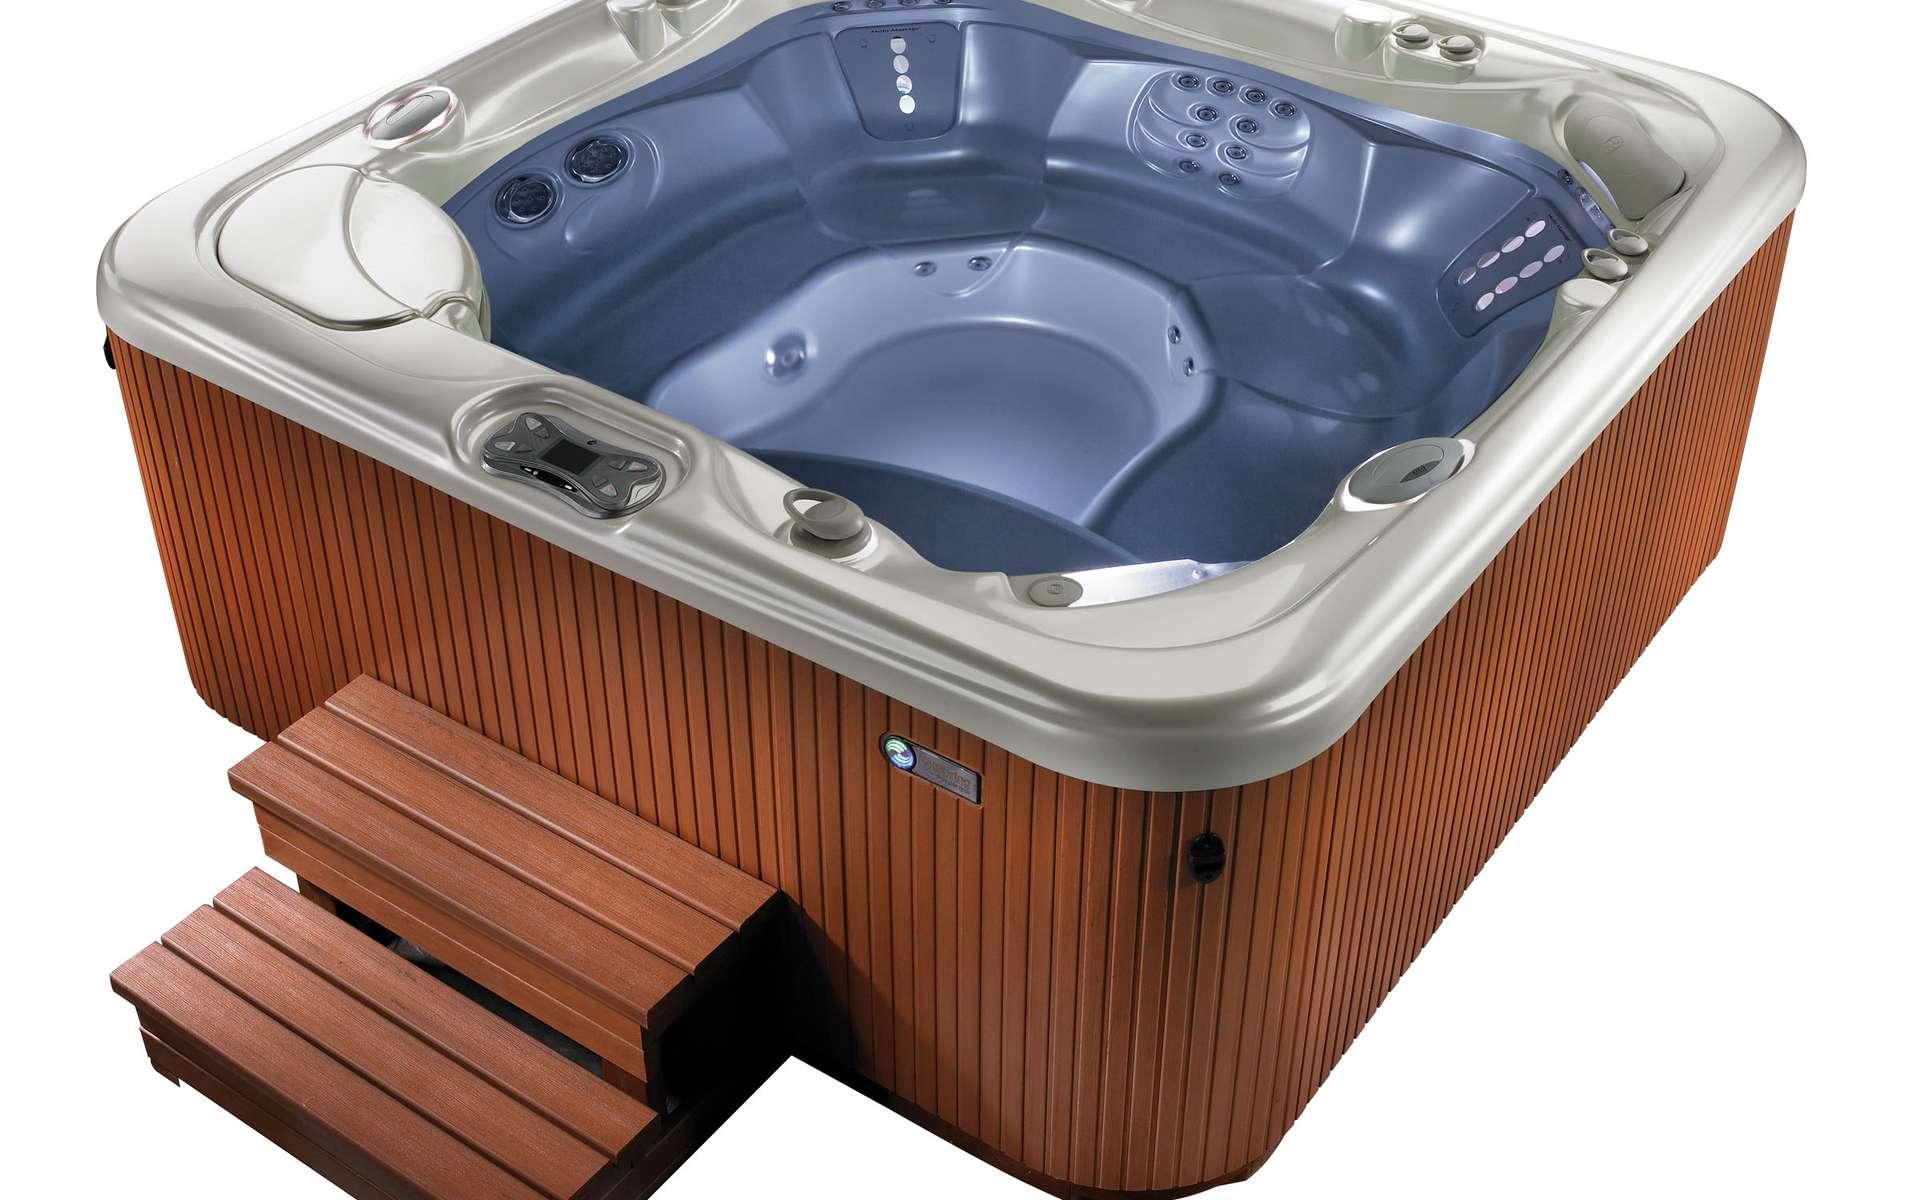 Évitez d'installer un spa dans un endroit inondable, car en cas d'immersion, le spa ne résisterait pas. © USCPSC, Flickr, cc by 2.0